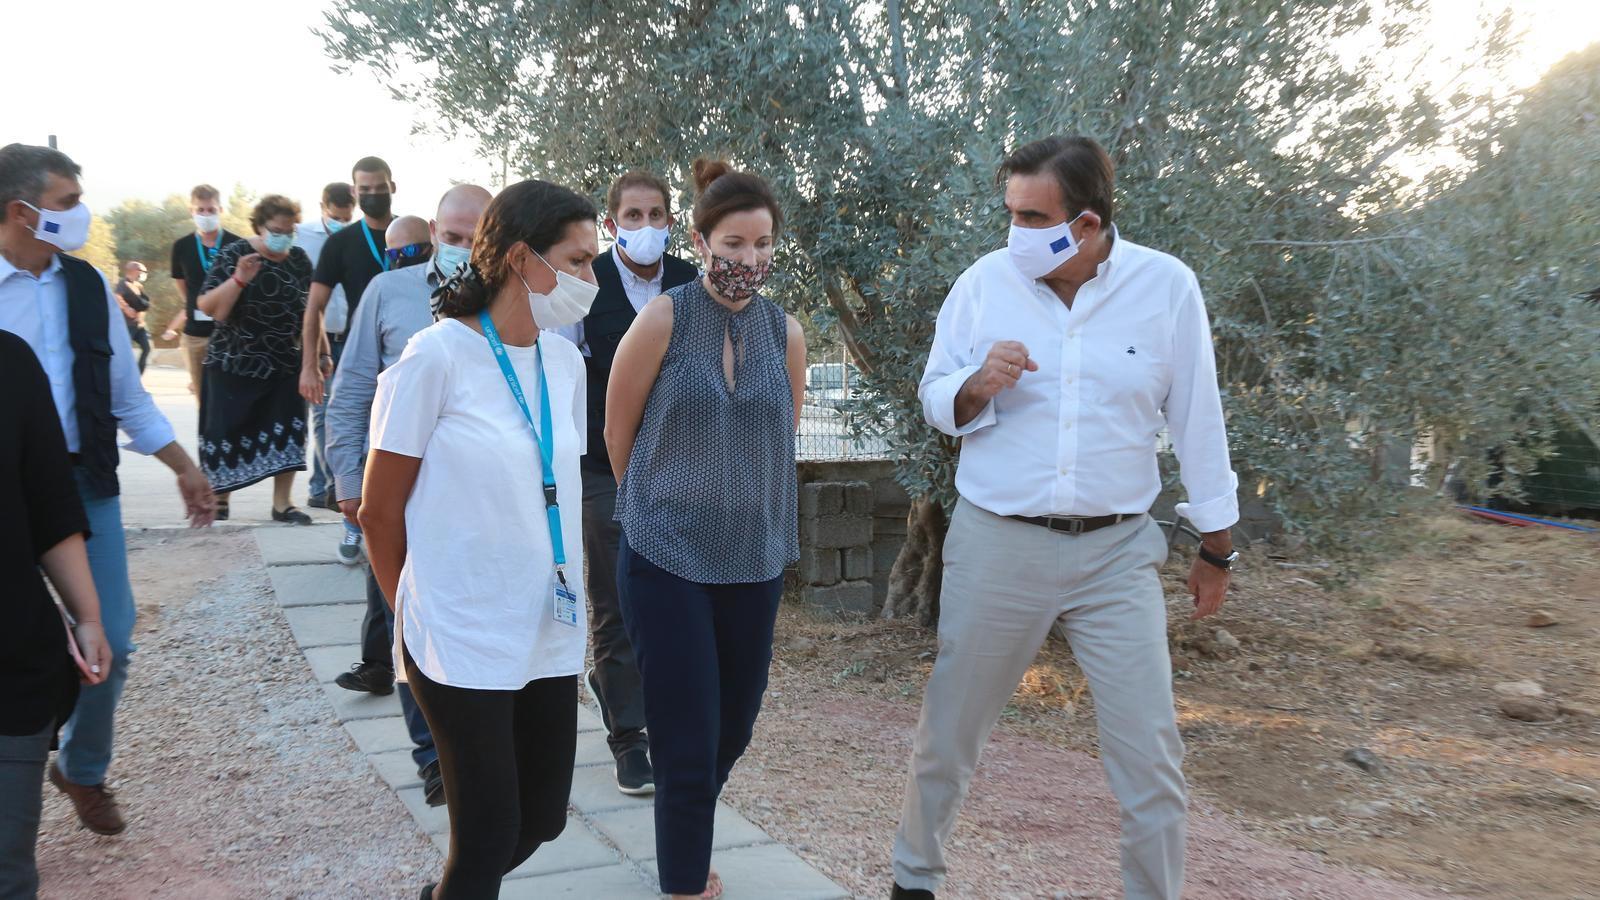 El vicepresident de la Comissió Europea, Margaritis Schinas, amb membres de l'ONG Iliahtida en la seva visita a Grècia després de l'incendi de Mória.